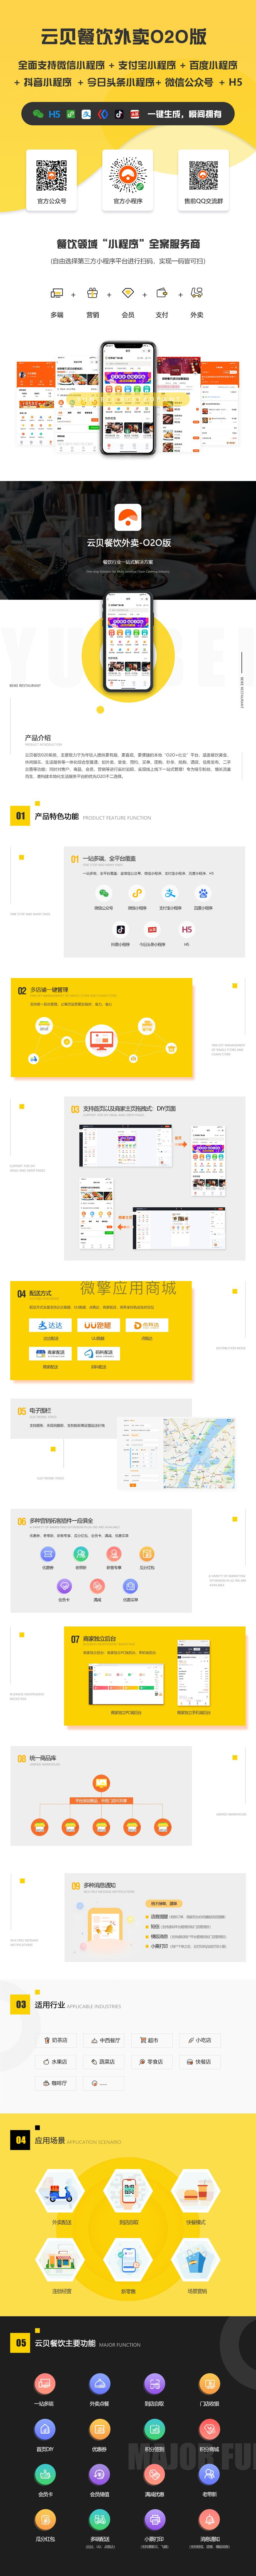 云贝餐饮外卖O2O小程序公众号1.8.6+商家端【优化】云贝配送对接